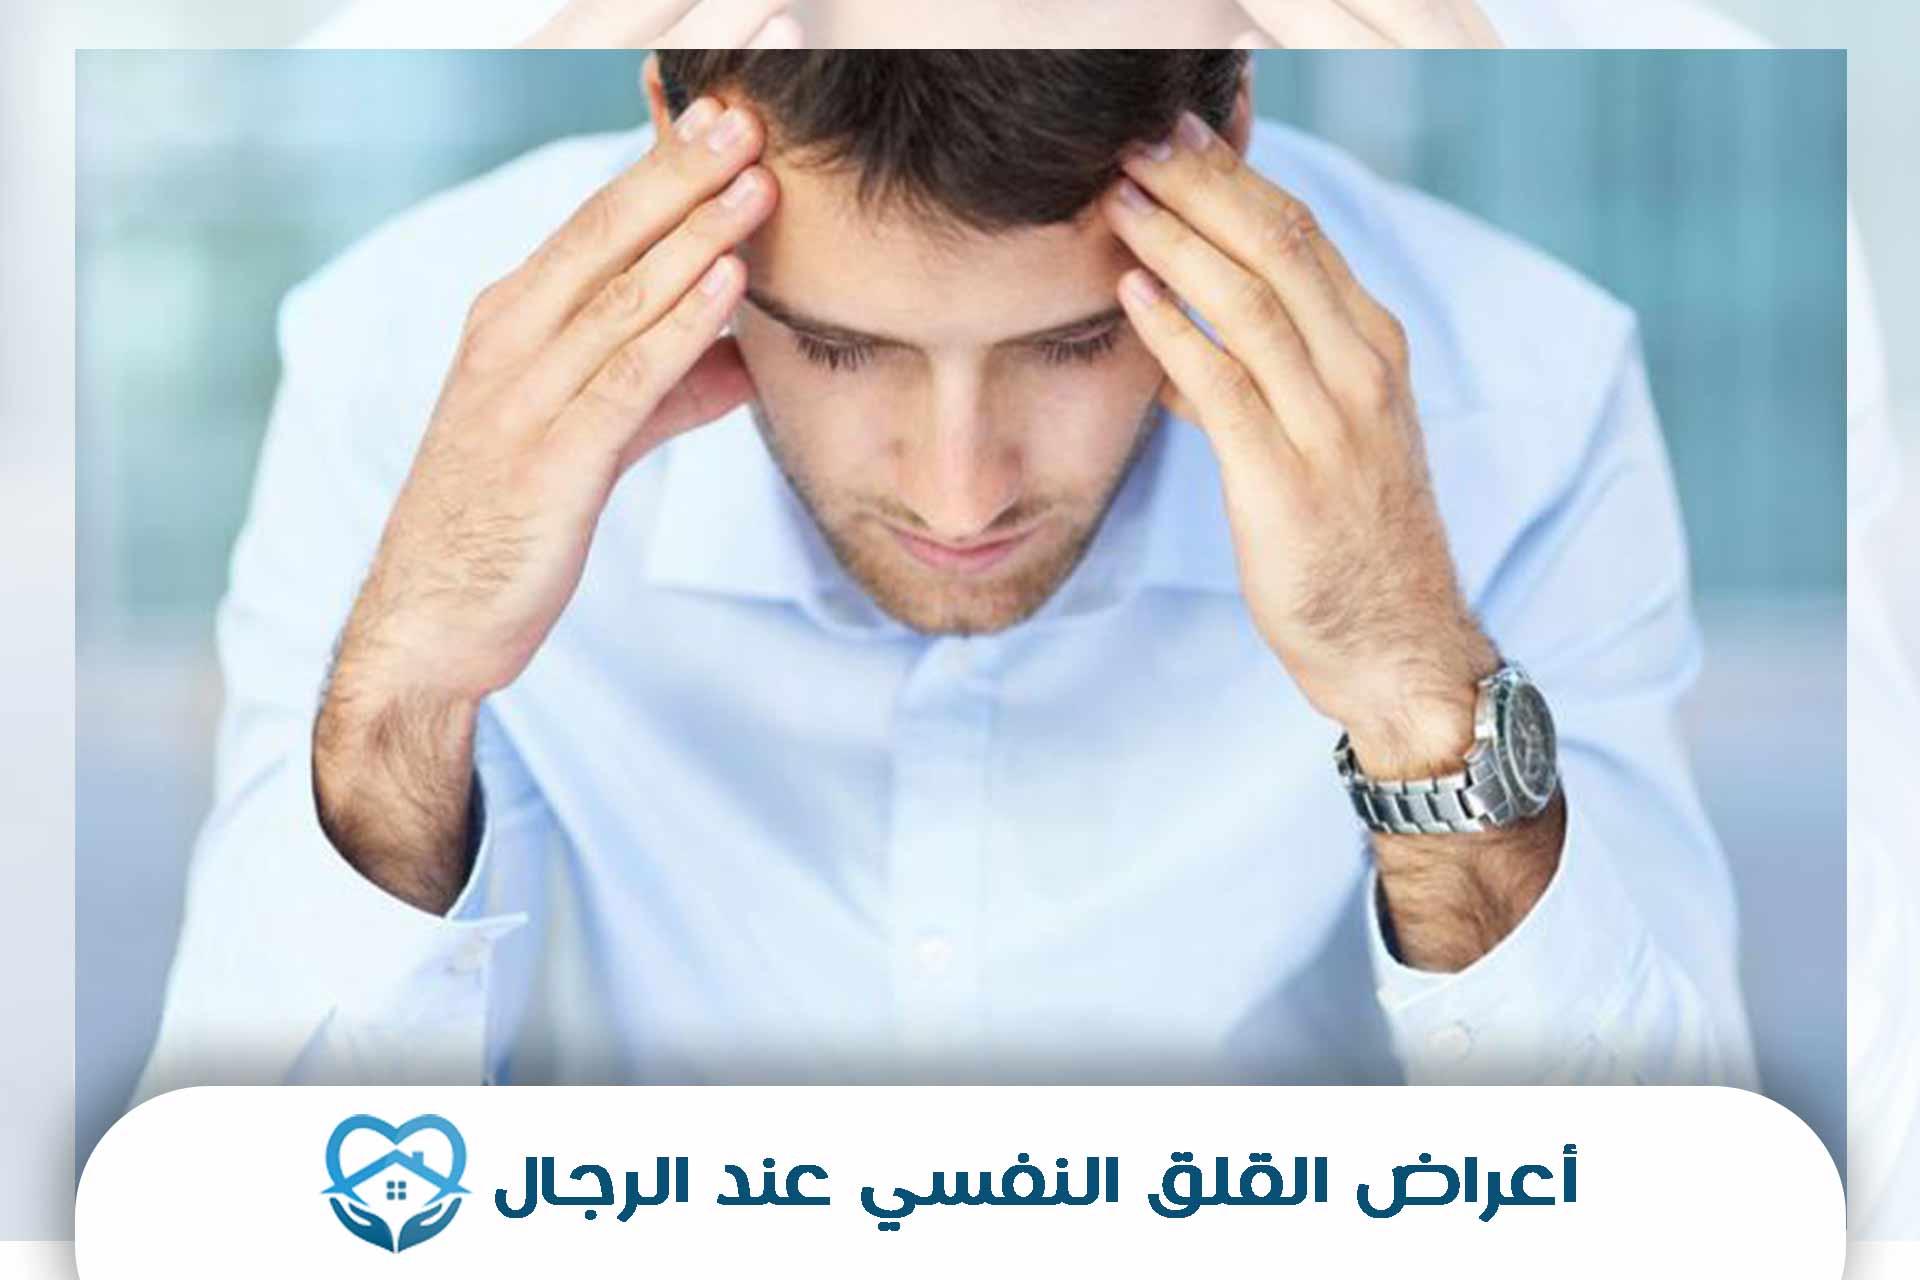 أعراض القلق النفسي عند الرجال